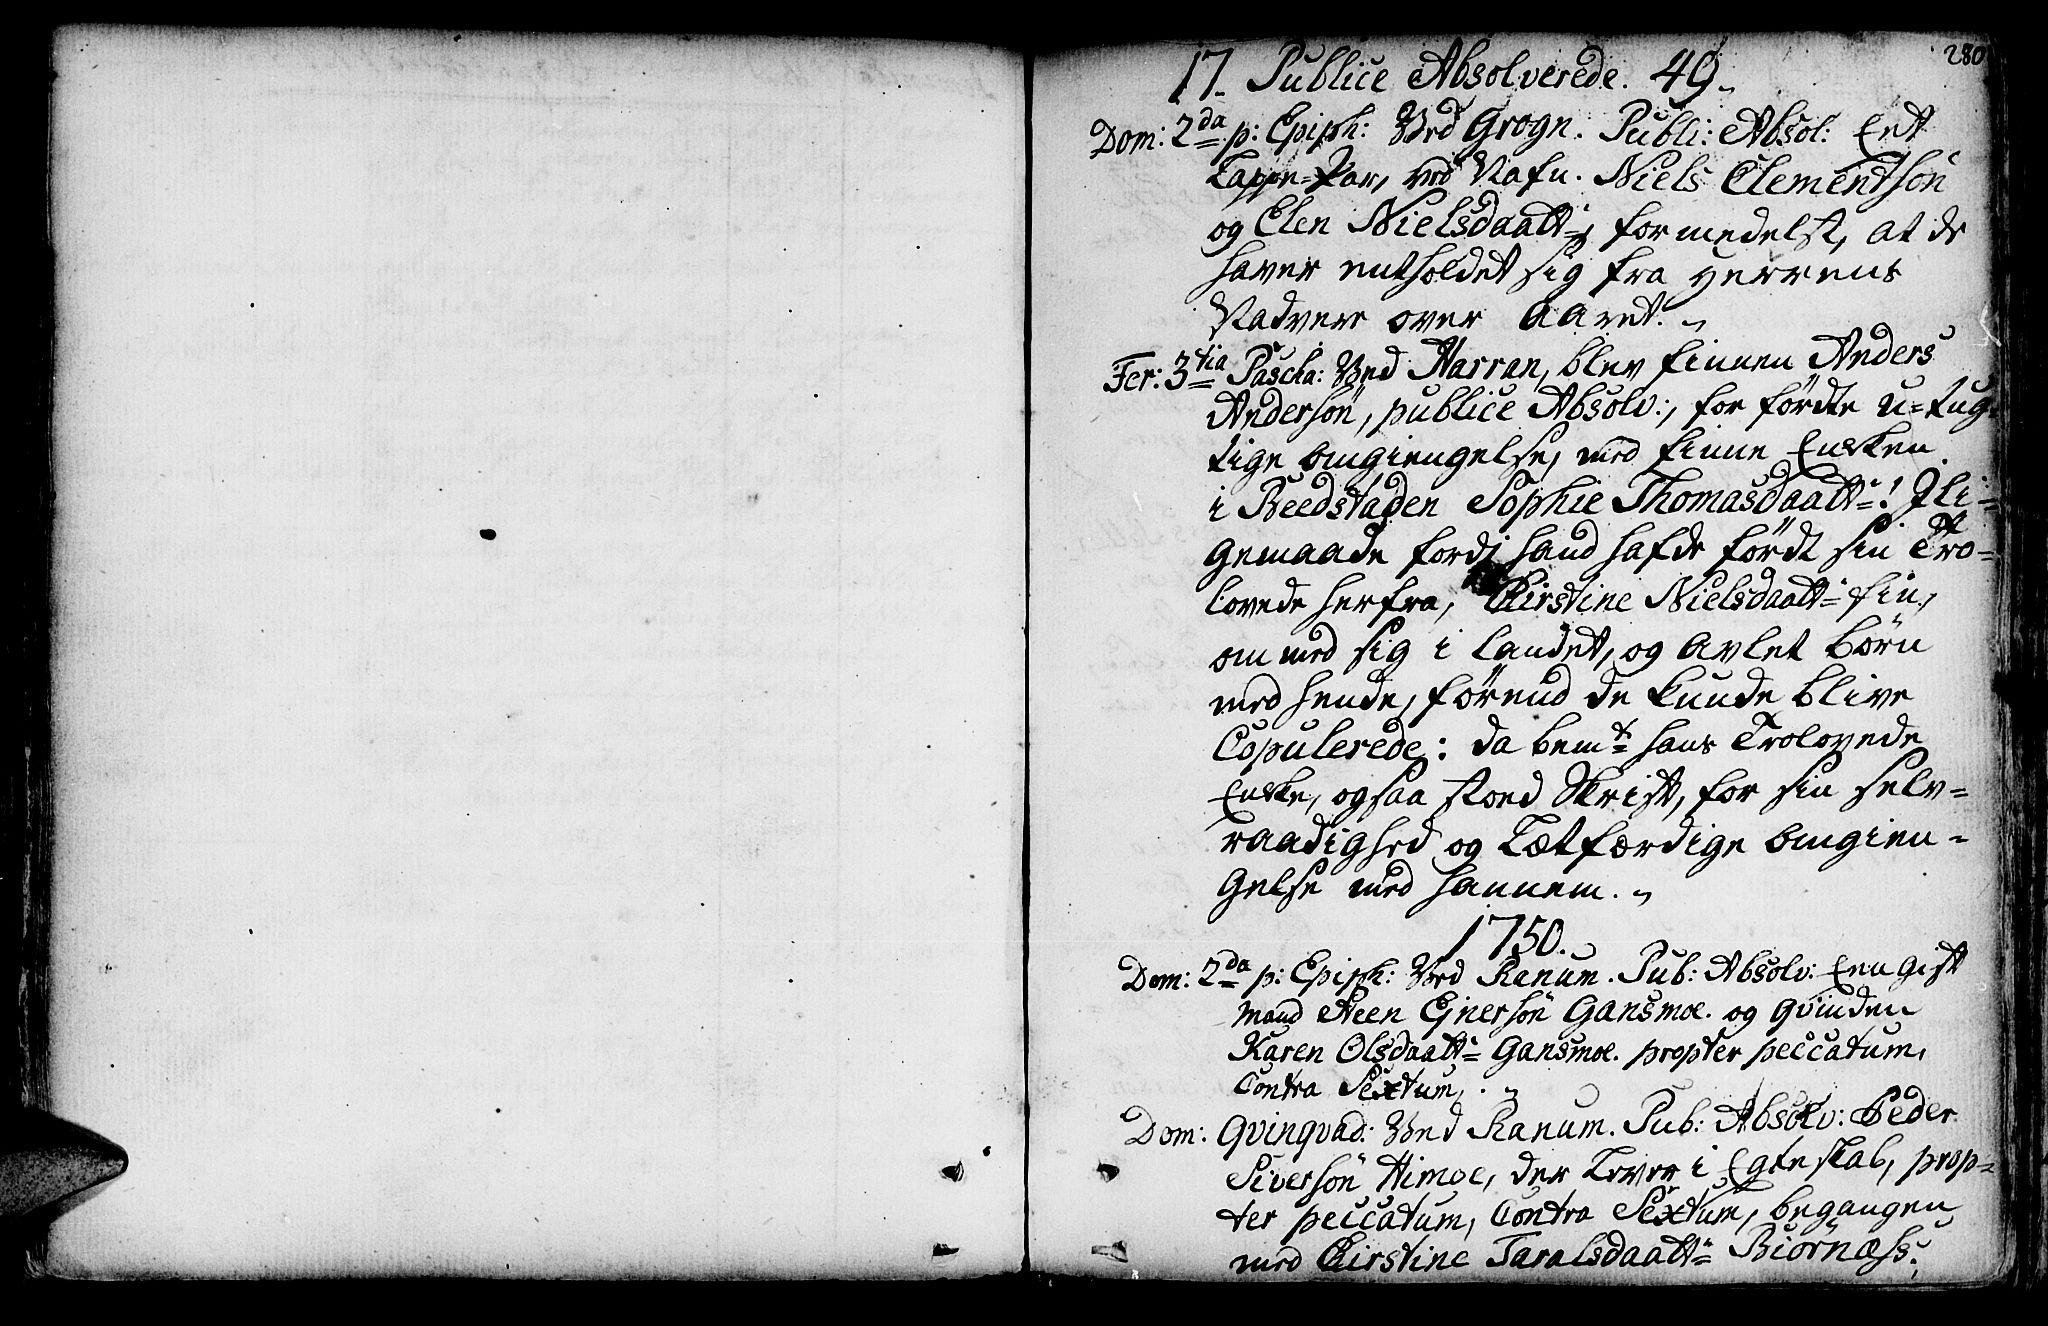 SAT, Ministerialprotokoller, klokkerbøker og fødselsregistre - Nord-Trøndelag, 764/L0542: Ministerialbok nr. 764A02, 1748-1779, s. 280